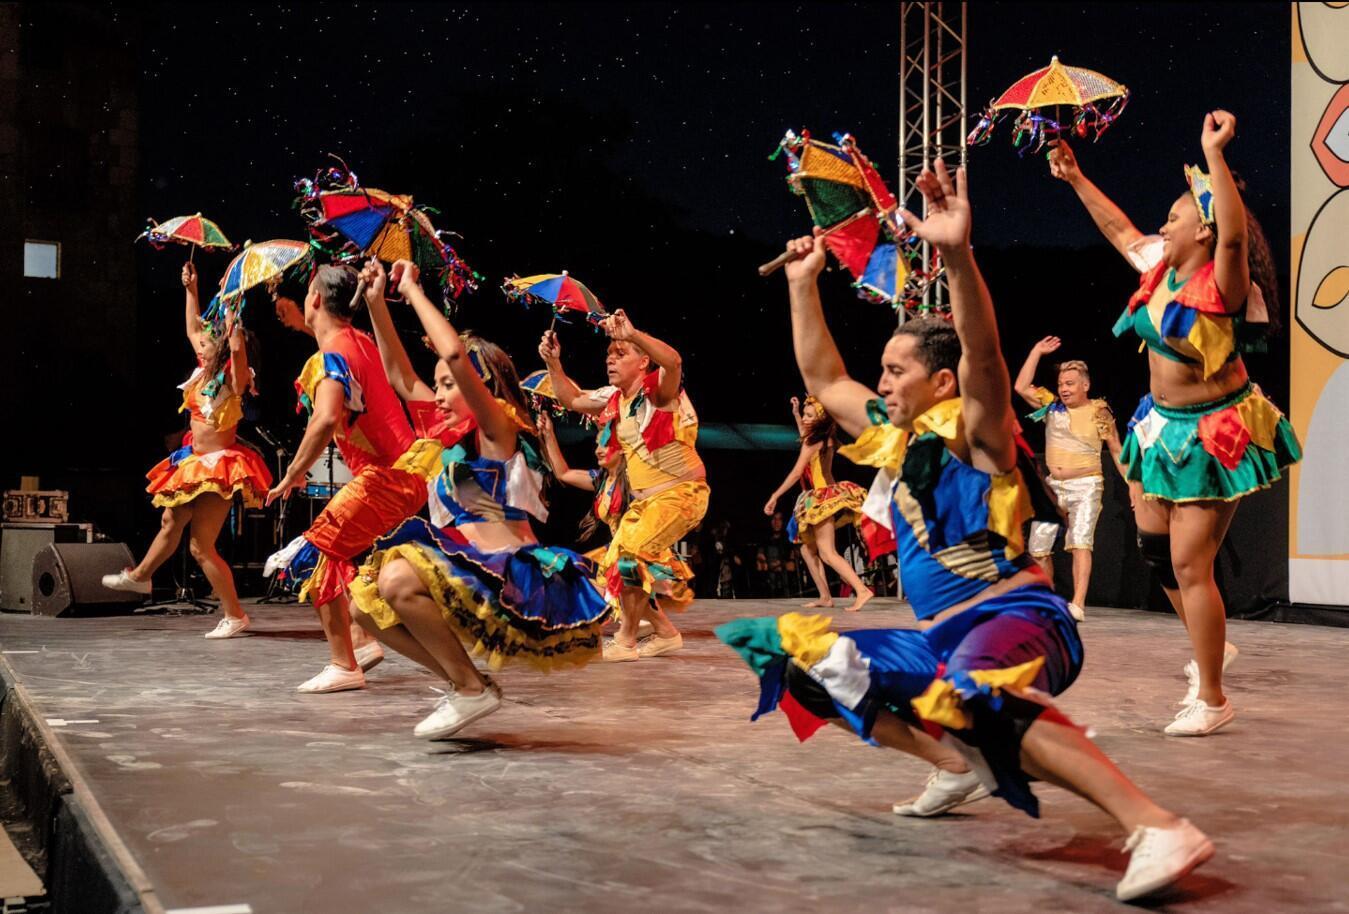 O frevo é um dos ritmos mais apreciados pelo público do Balé Folclórico Arte Popular de Fortaleza, mas o samba continua sendo o carro-chefe da companhia.